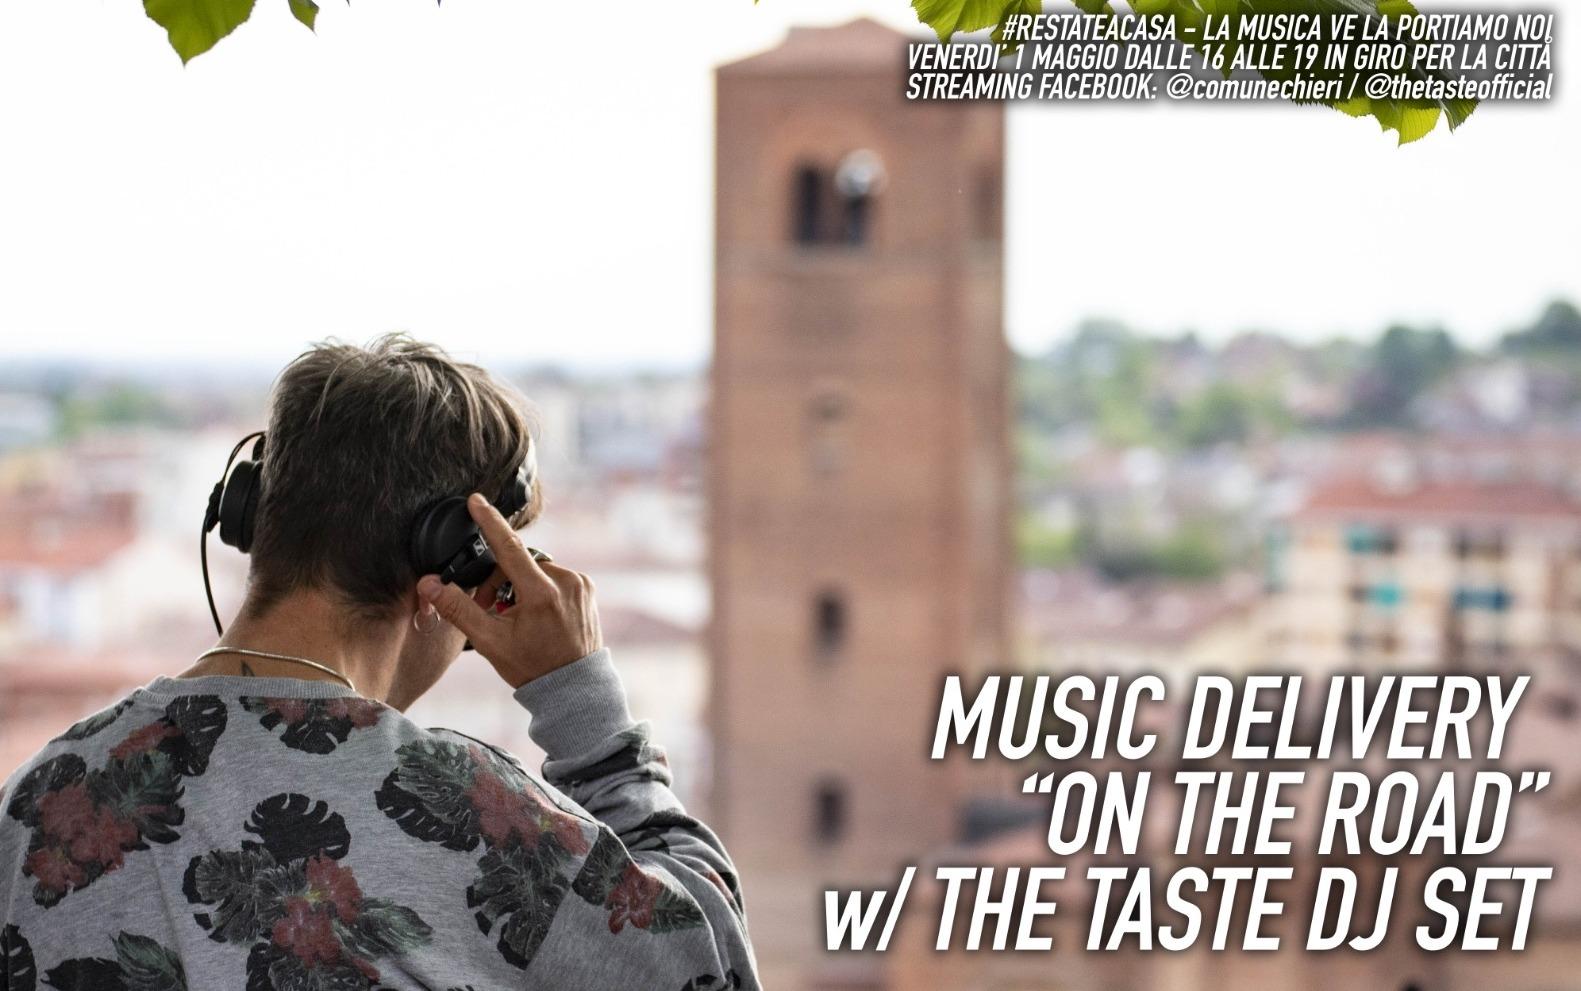 Musica in città